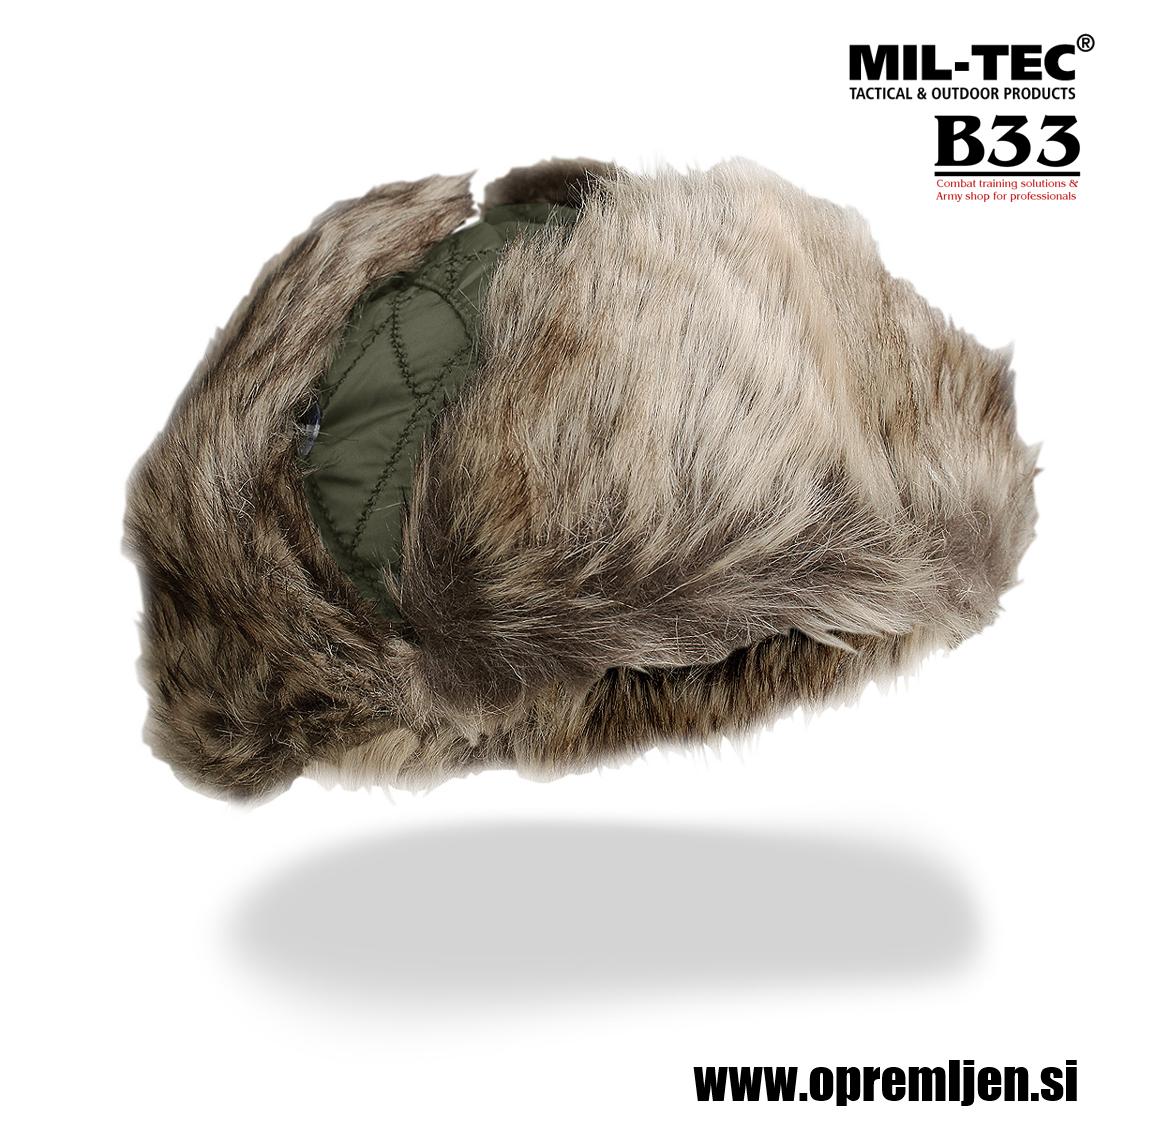 B33 army shop - vojaška kučma olivna barva, MILTEC, MIL-TEC by B33 army shop at www.opremljen.si, trgovina z vojaško opremo, vojaška trgovina